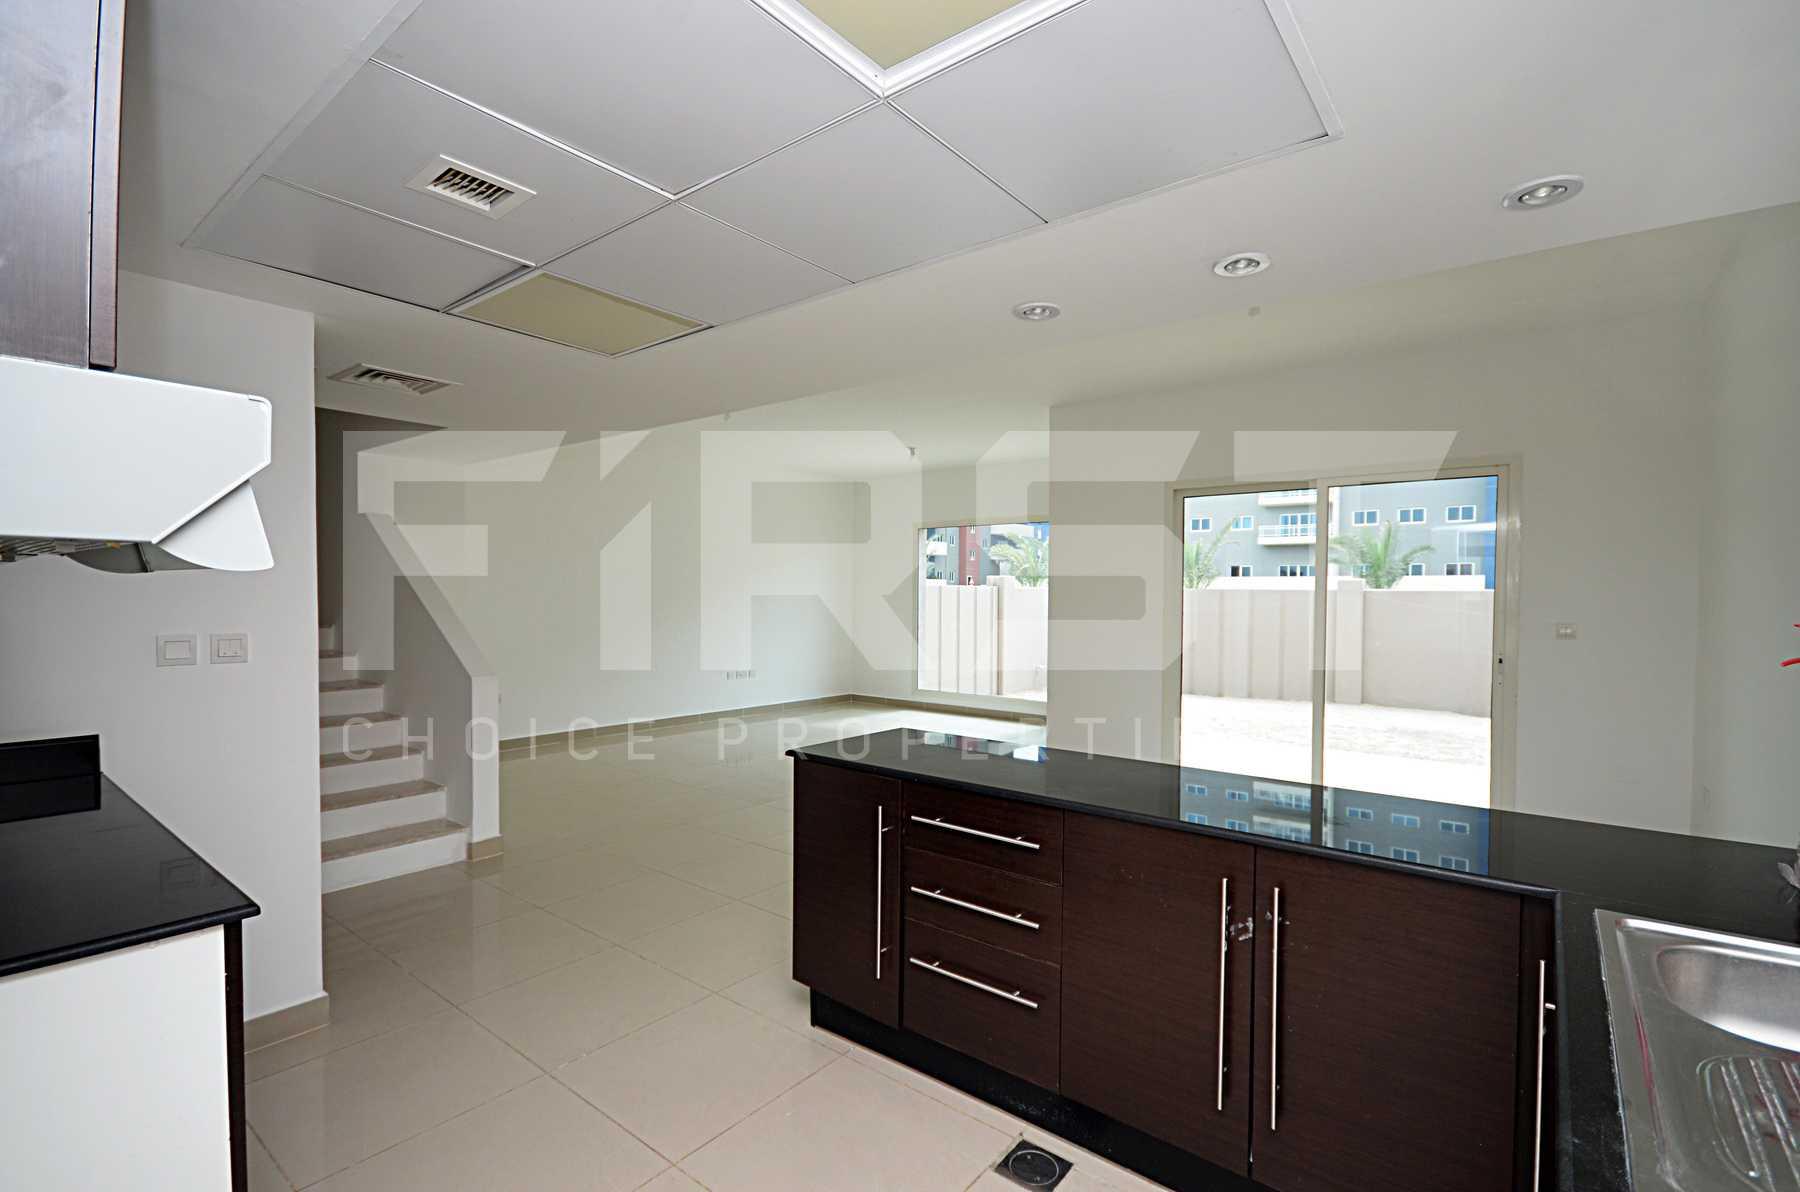 8. Internal Photo of 4 Bedroom Villa in Al Reef Villas Al Reef Abu Dhabi UAE 265.5 sq.m 2858 sq.ft (46).jpg